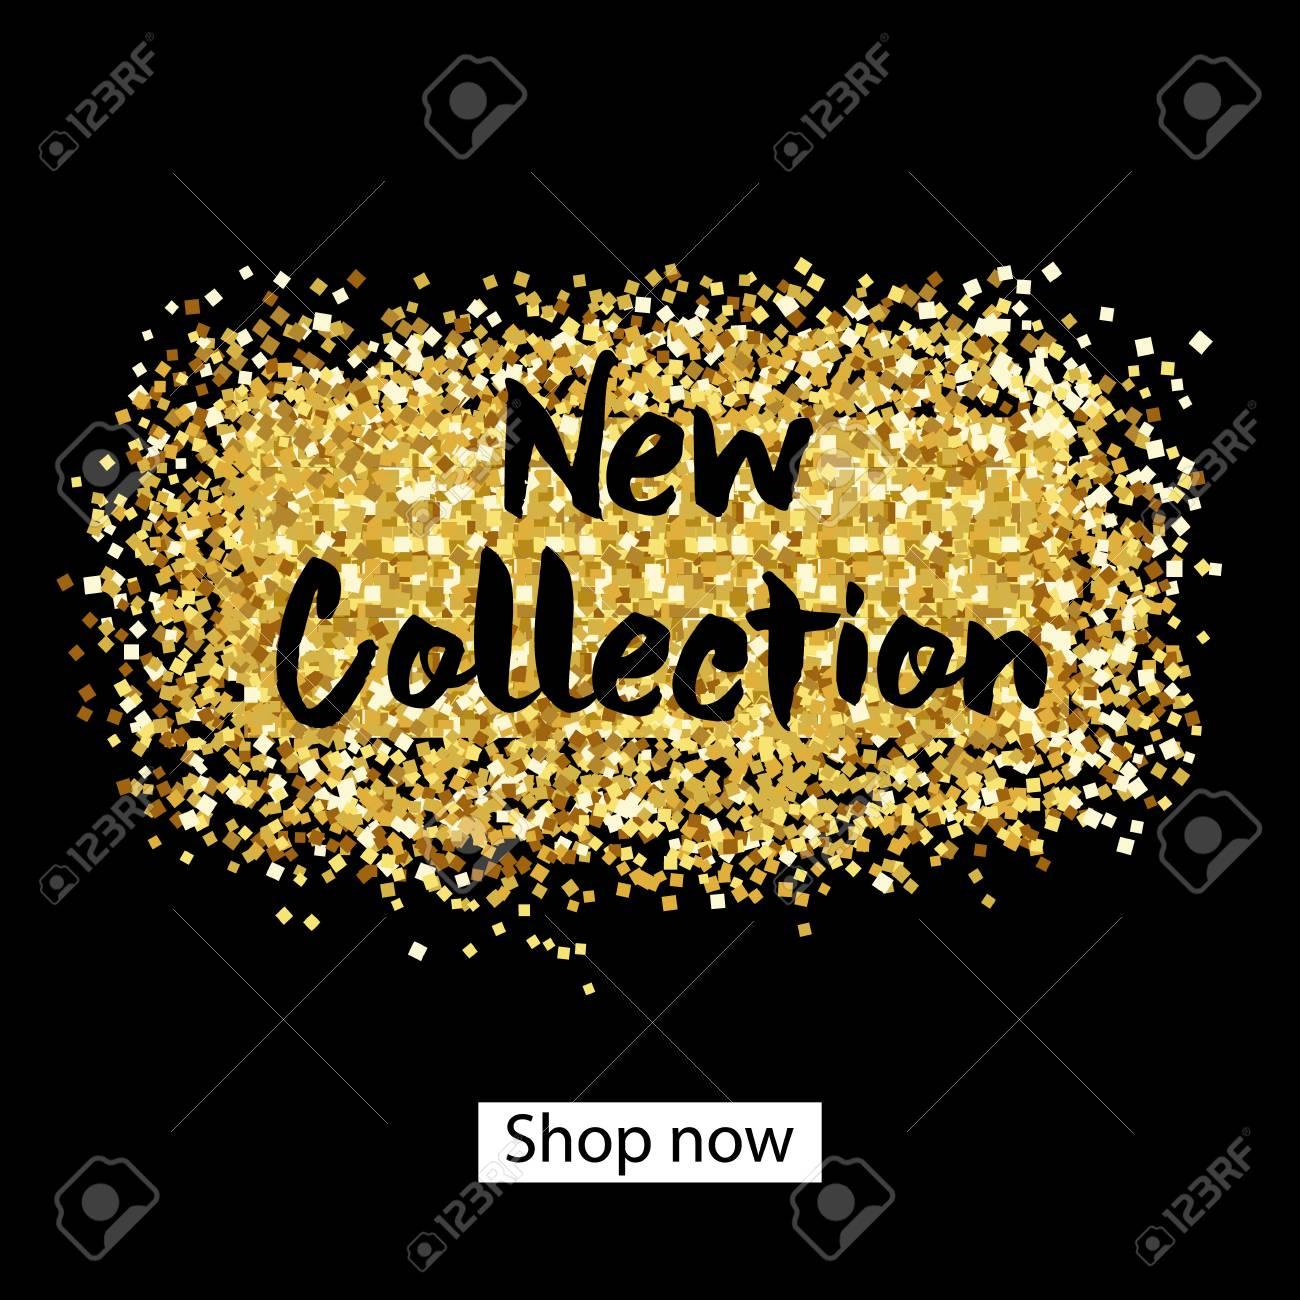 Nueva Colección. Pintura De Oro - Pinceladas De Brillo Para El Fondo ...